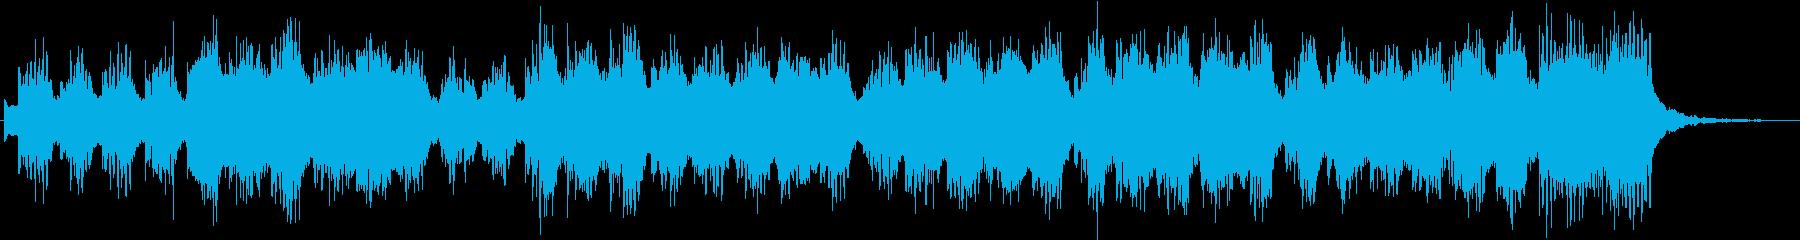 ジムノペディ第1番 ポップアレンジの再生済みの波形